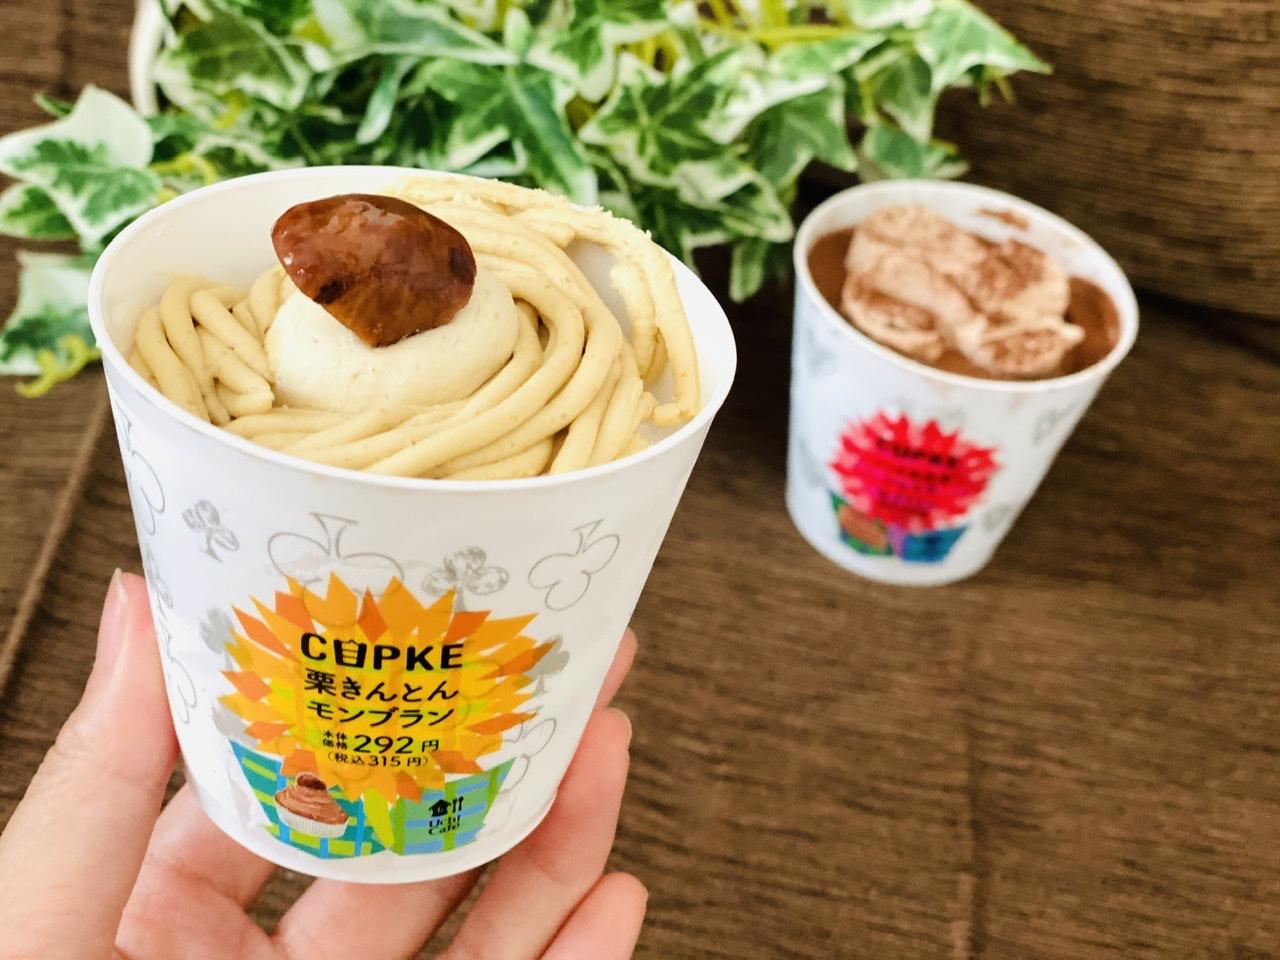 【ローソンスイーツ】可愛すぎて2つ買い♡《CUPKE(カプケ)》から夏の新作3品登場!_3